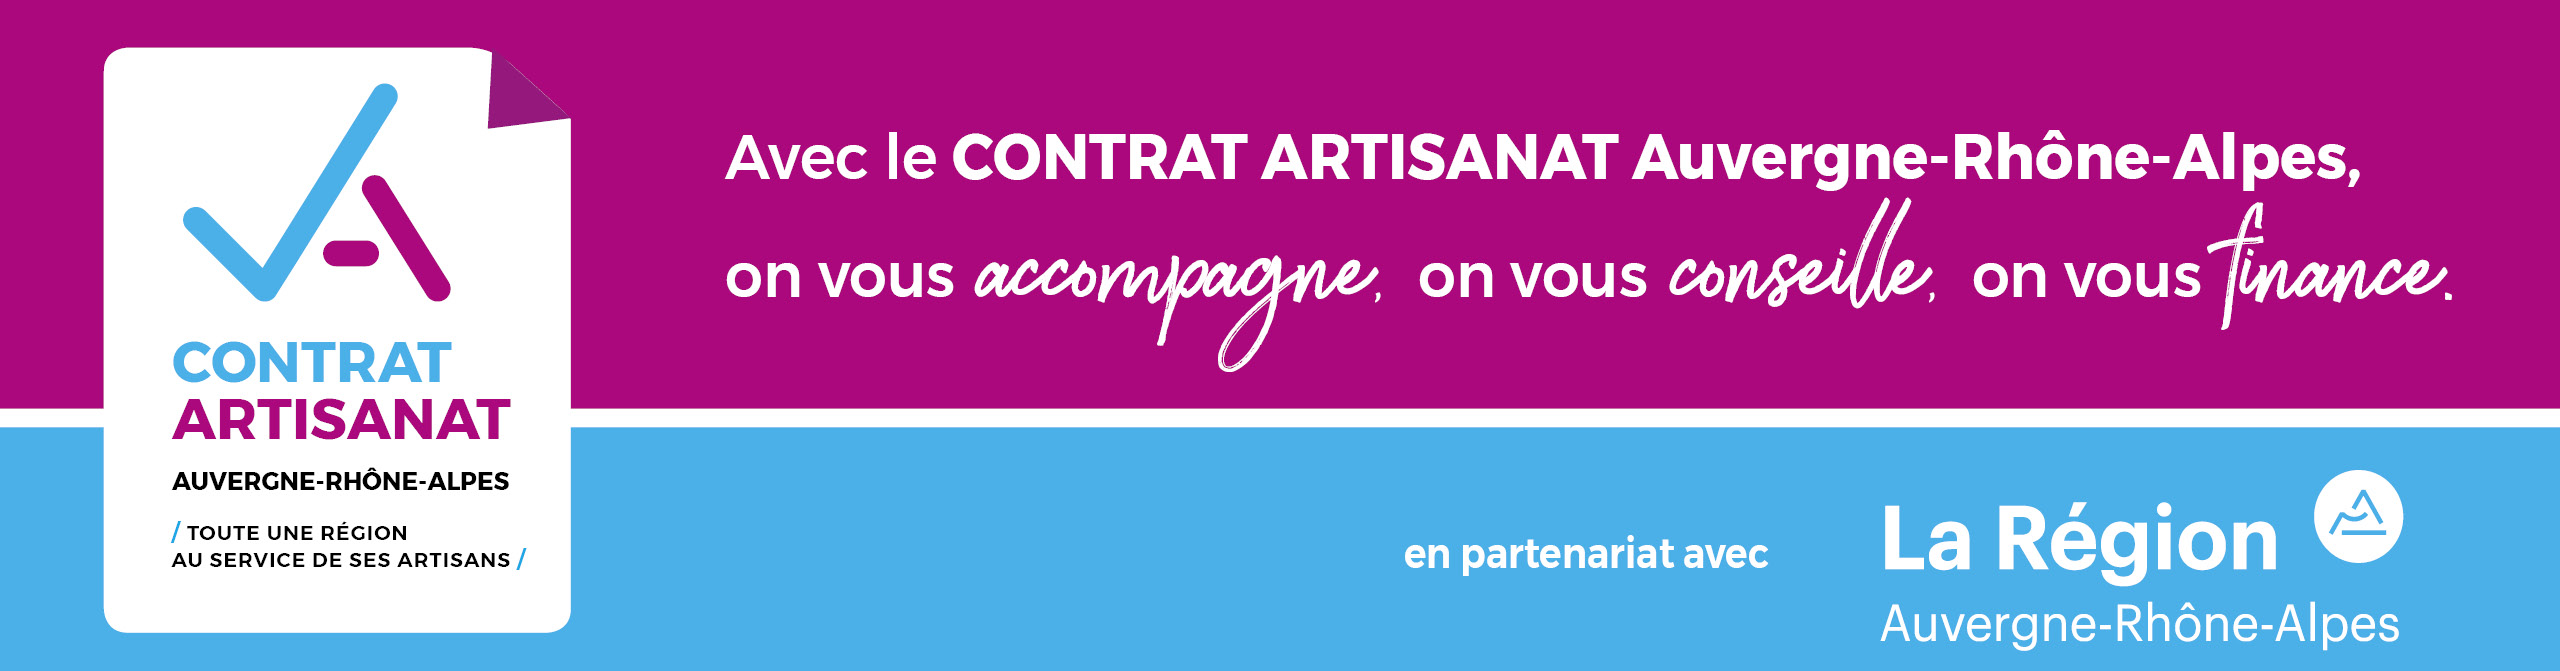 slide_contrat_artisanat.jpg